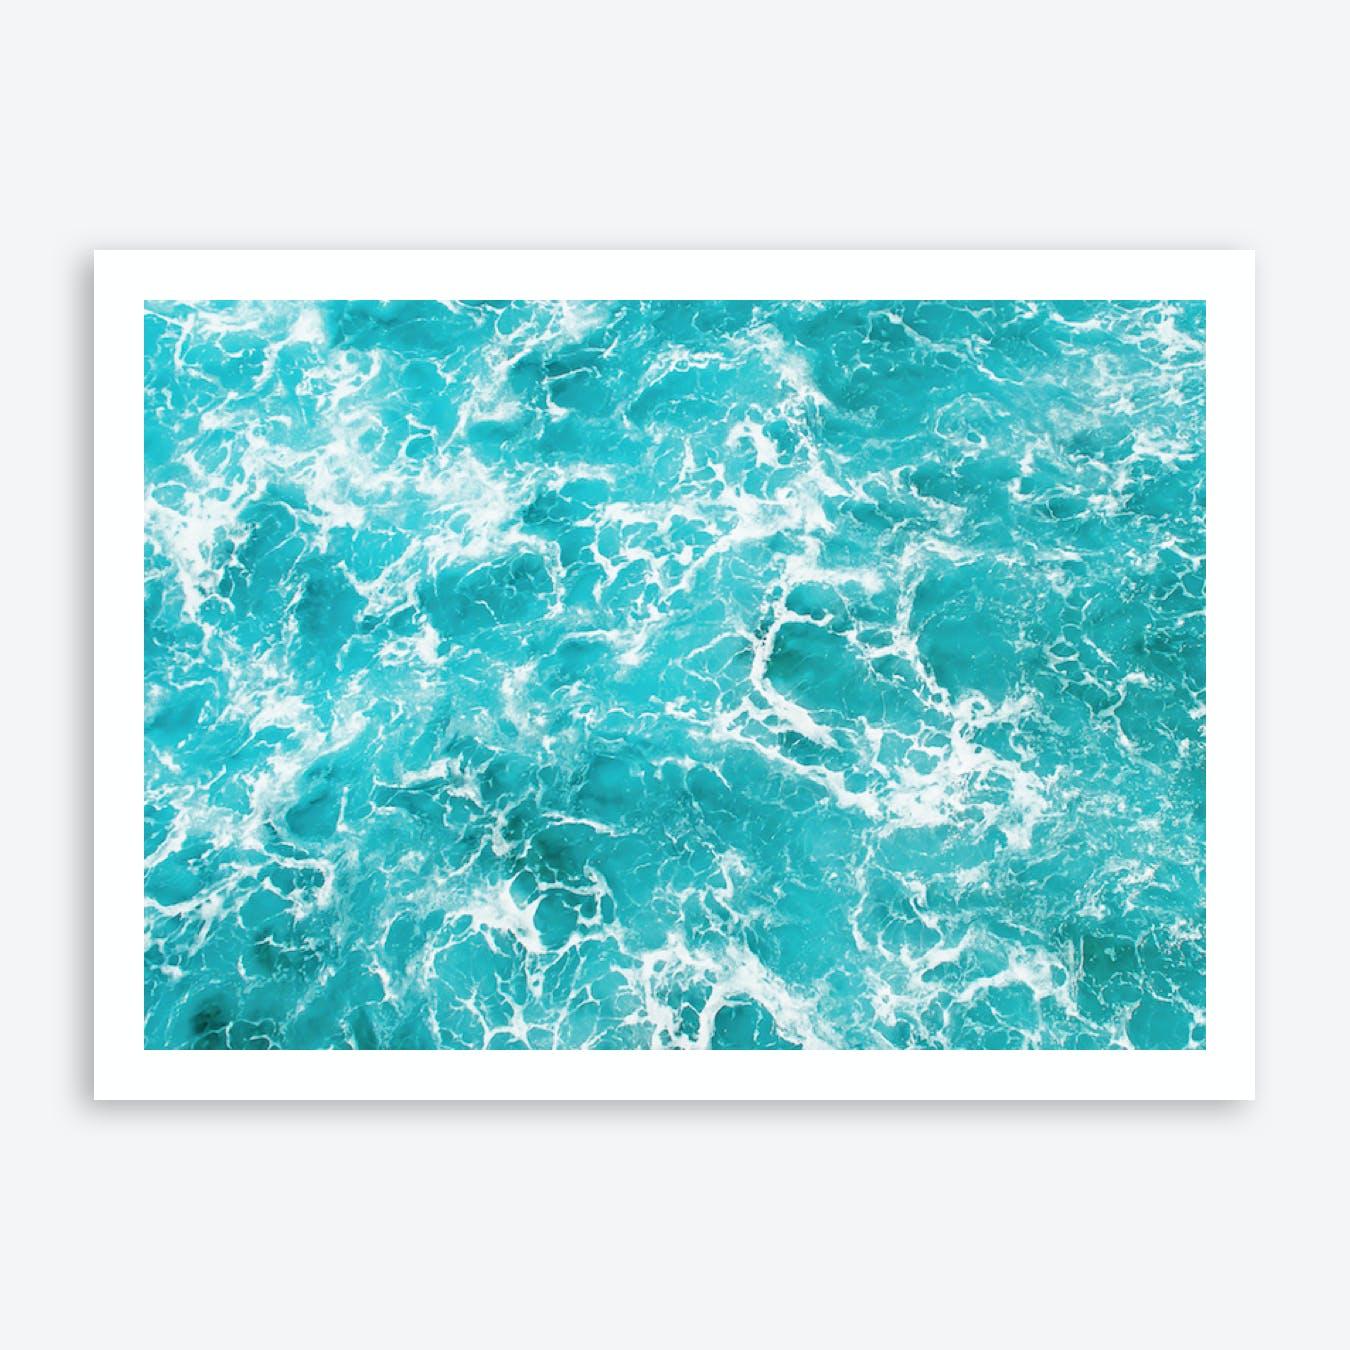 Ocean Waves 4 Print